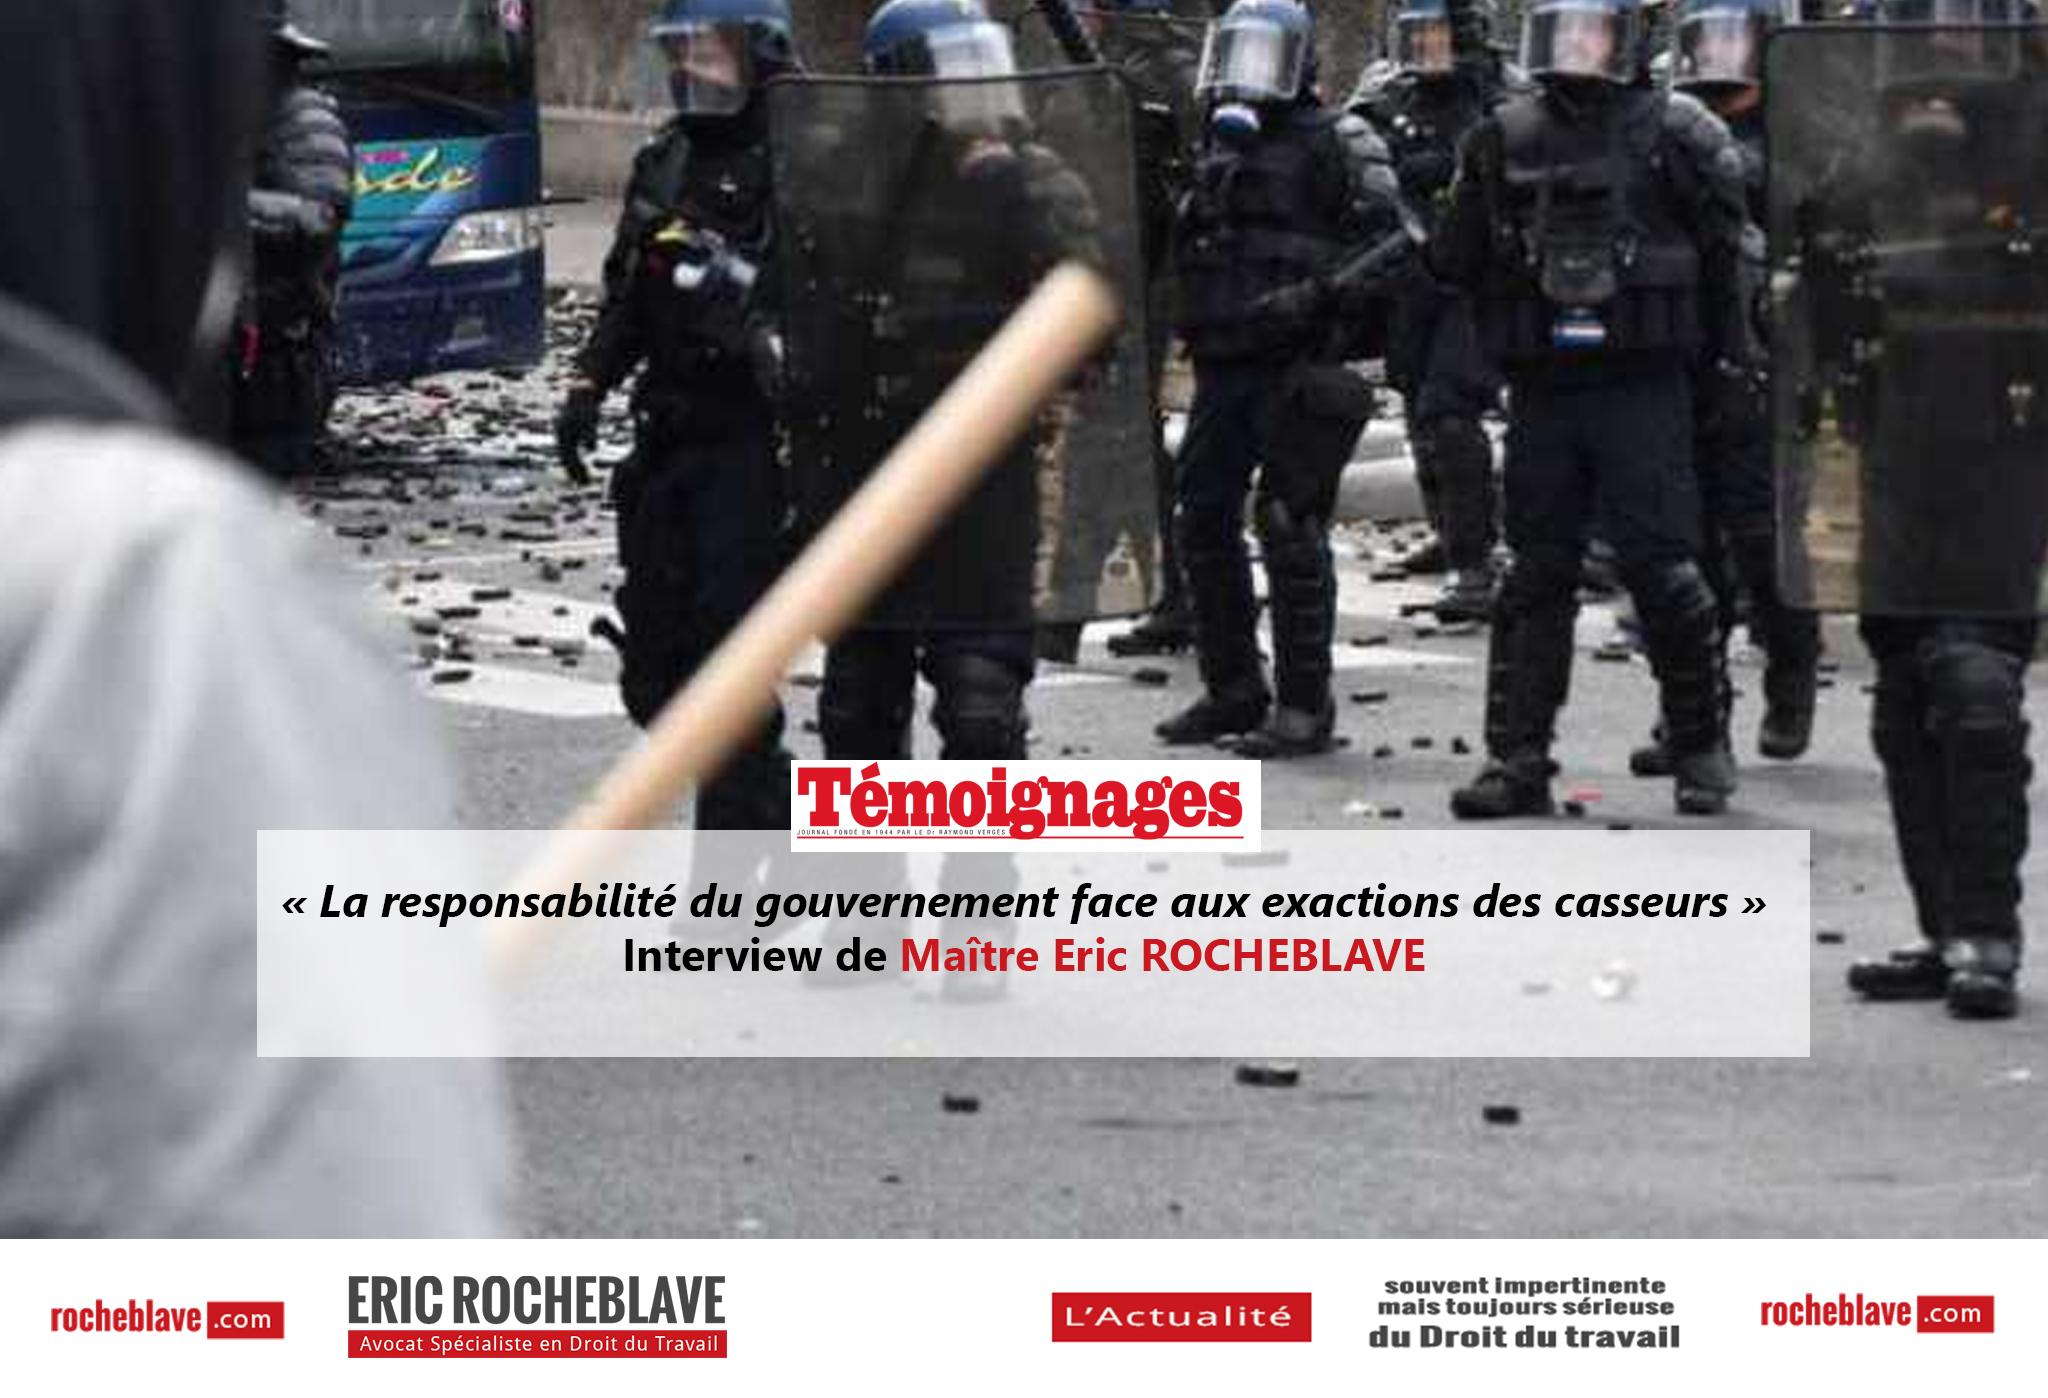 « La responsabilité du gouvernement face aux exactions des casseurs » Interview de Maître Eric ROCHEBLAVE | Témoignages (Journal de l'Île de La Réunion)